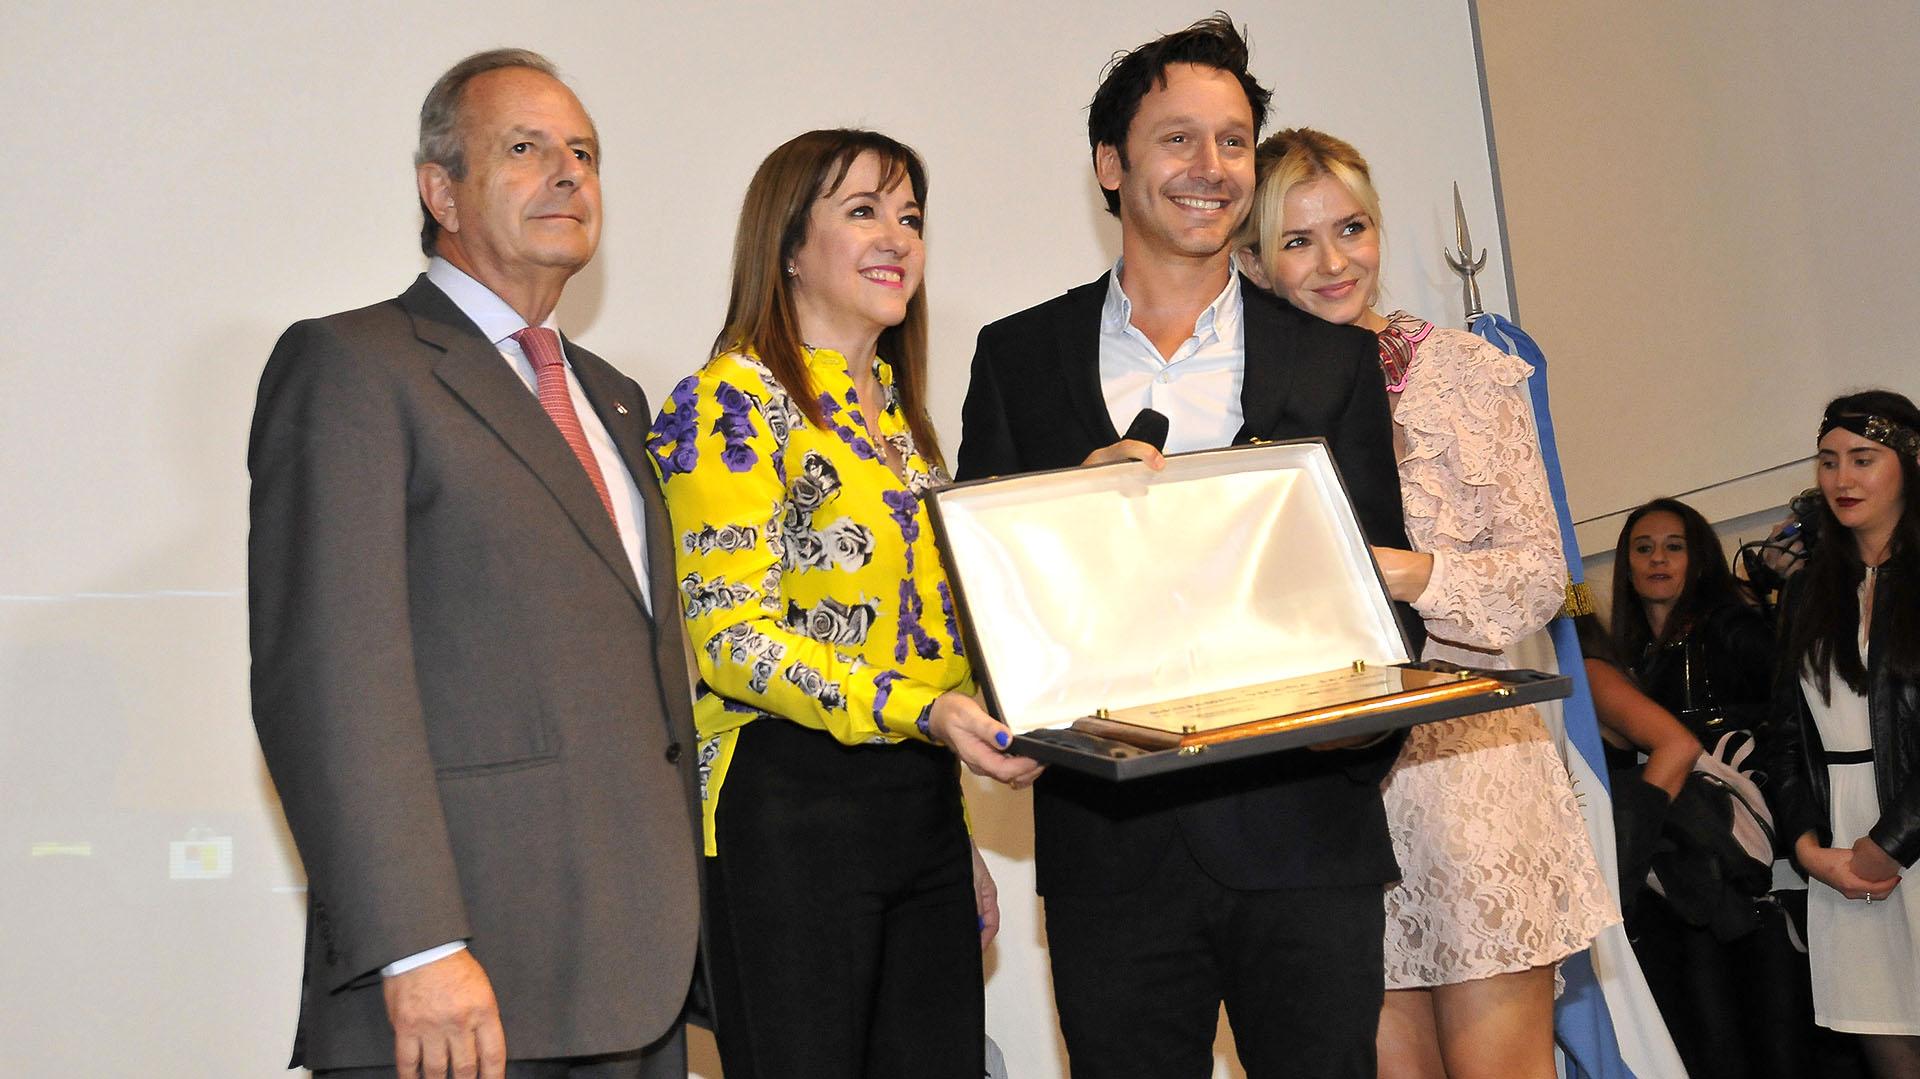 La China Suárez acompañó a su pareja en la distinción que recibió el jueves en la embajada chilena